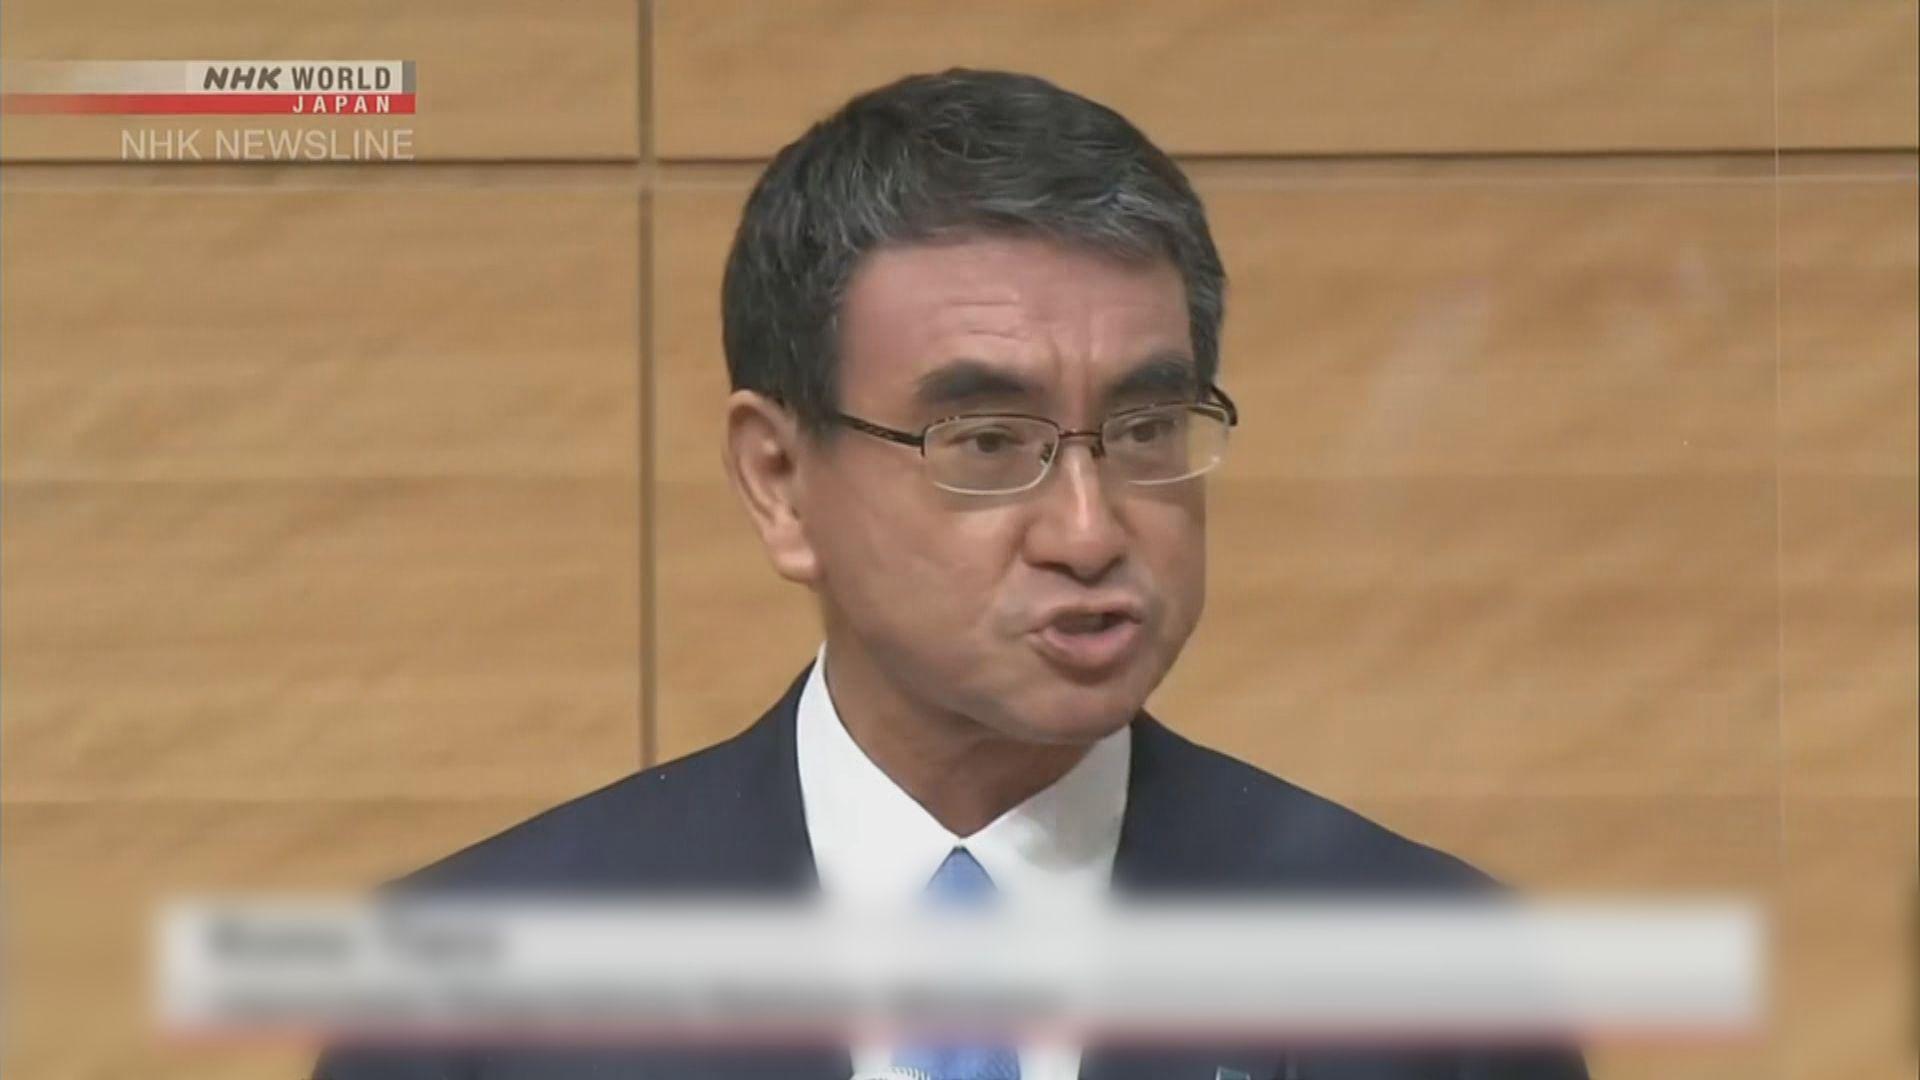 河野太郎宣布競逐自民黨總裁 承諾會成為與國民悲喜與共領袖